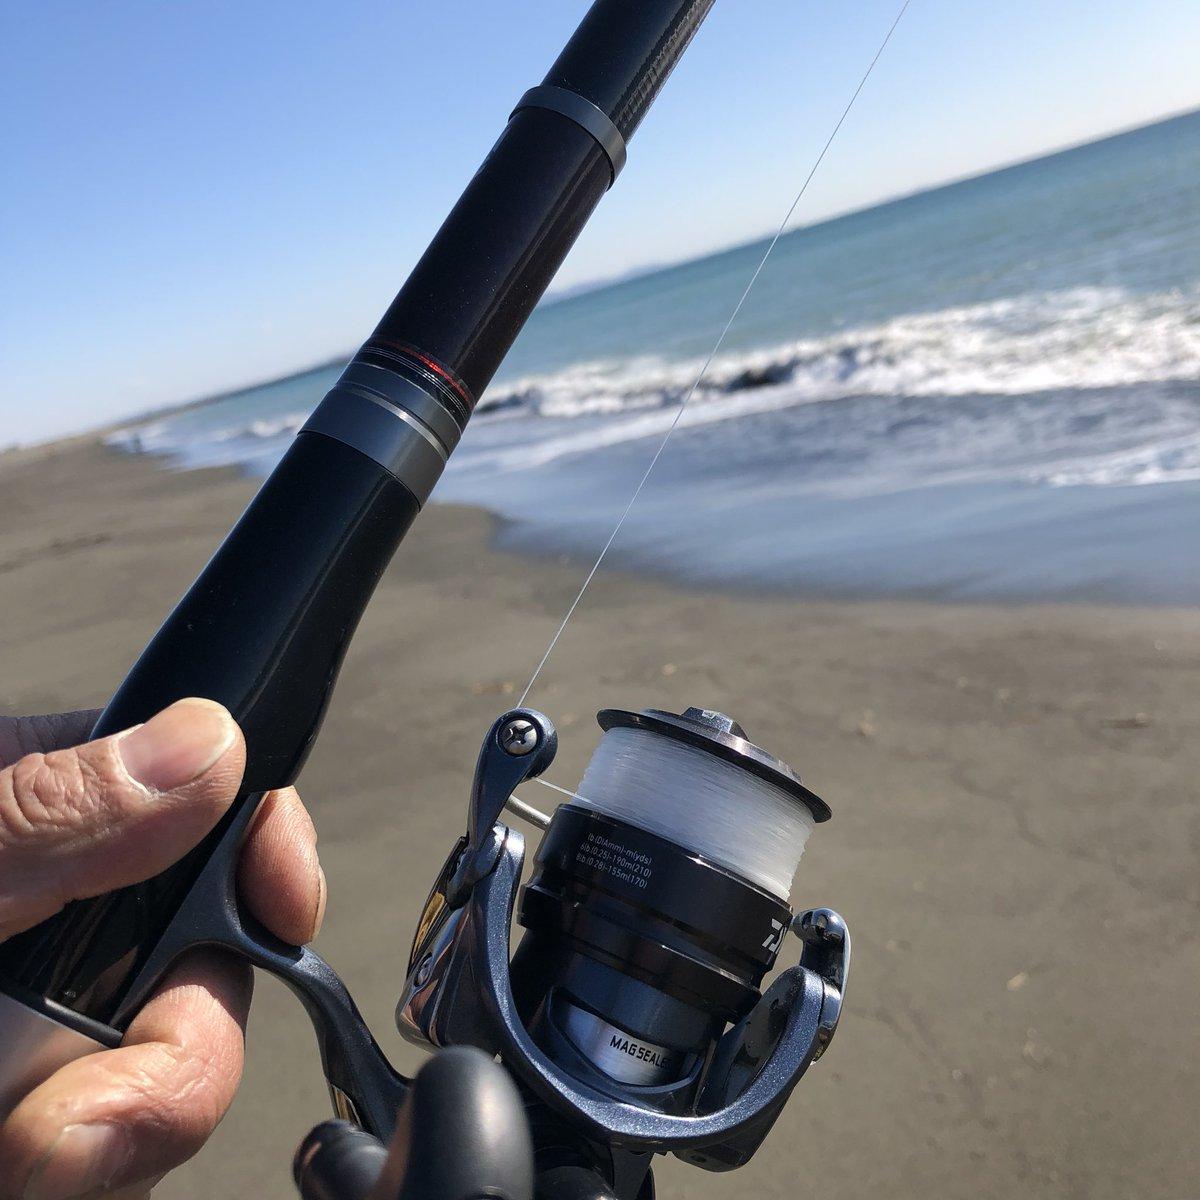 11時10分   虹ヶ浜から袖ヶ浜に移動。  #平塚海岸 https://t.co/7neI5XoawM